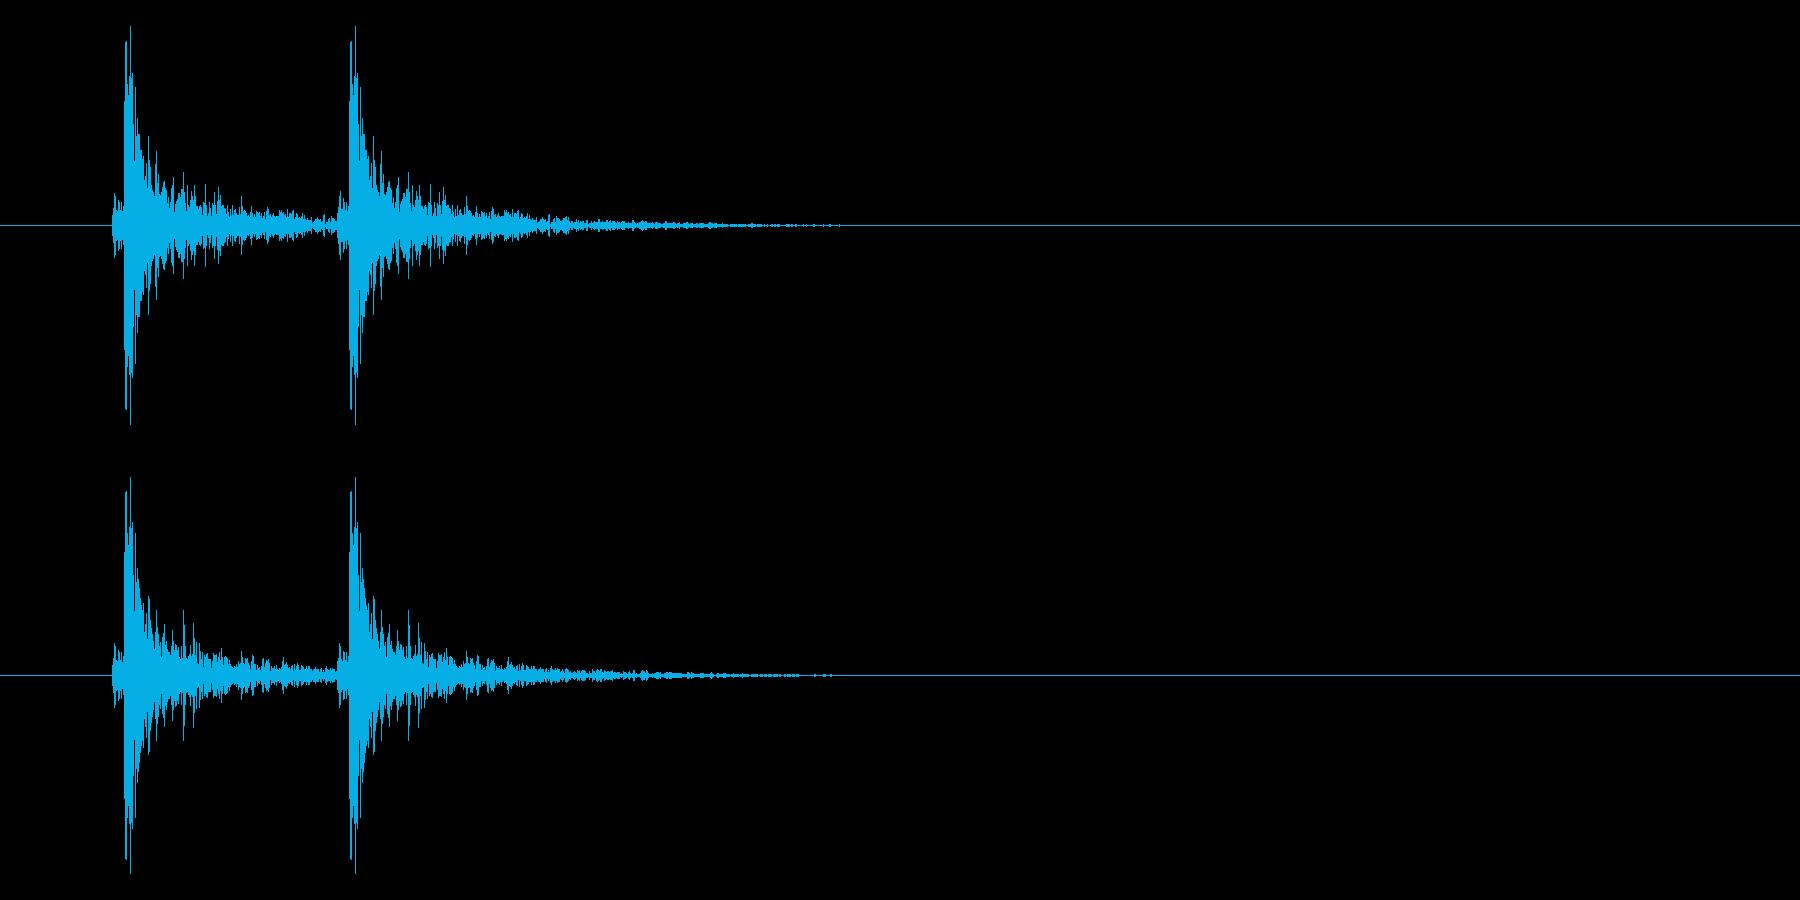 トントン!ドアのノック音の再生済みの波形